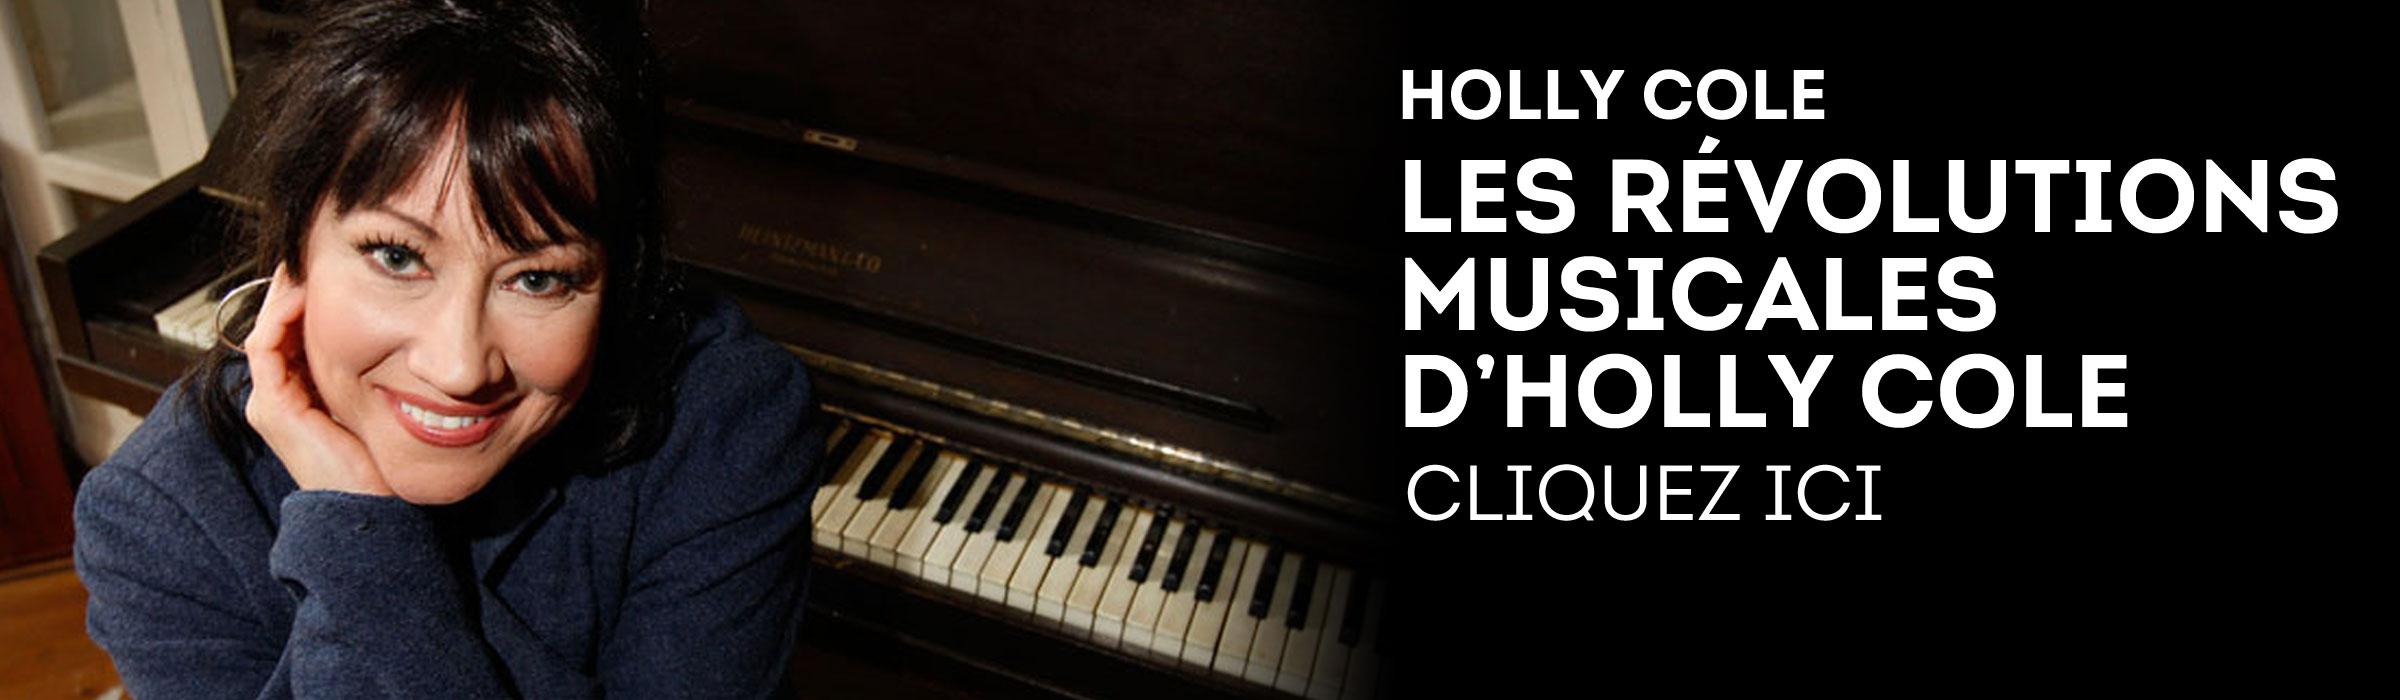 Slid-Entrevue-Holly-Cliquez-2